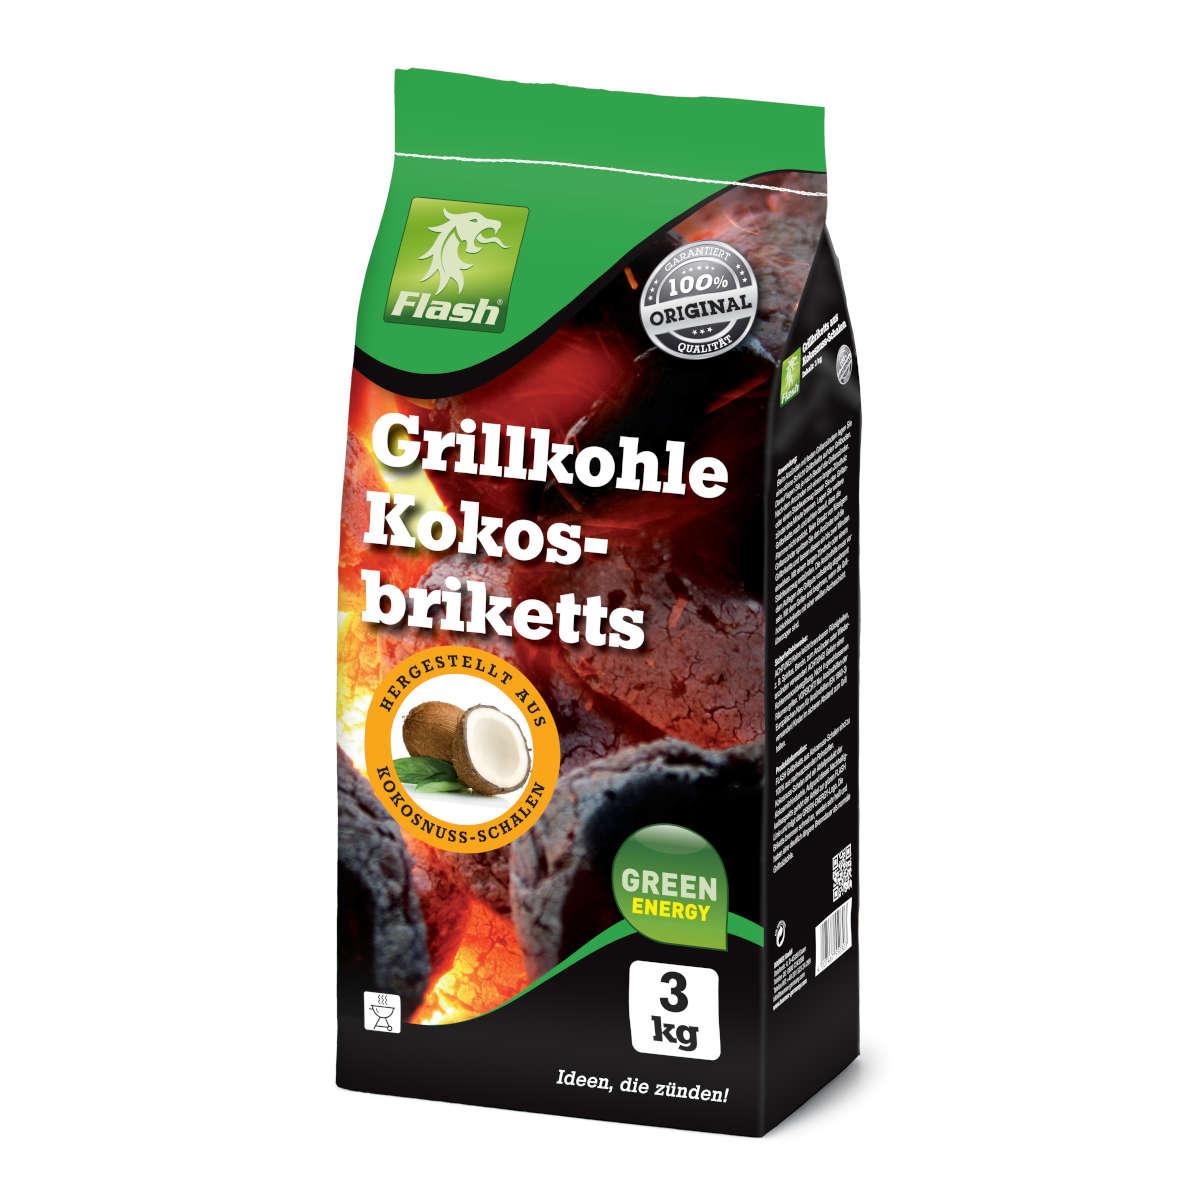 Grillkohle Kokosbrikett